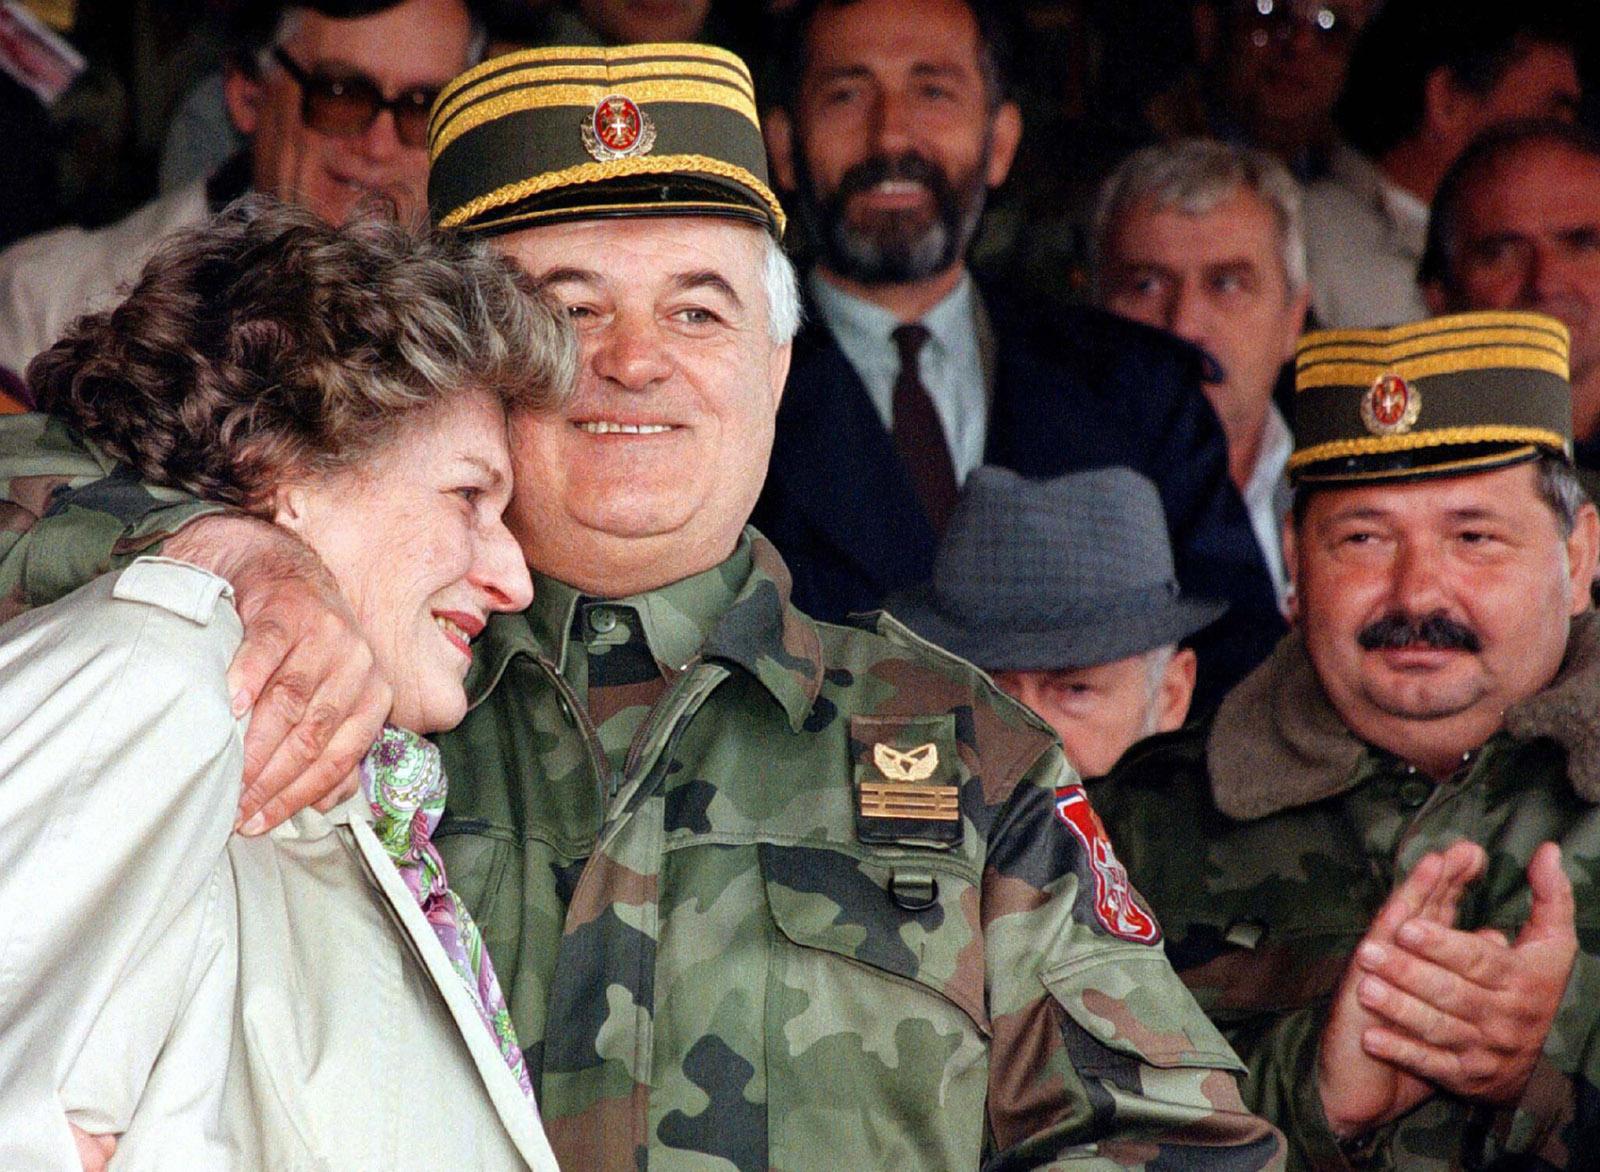 Biljana Plavšić, president of Republika Srpska, with Srpska army commander Momir Talić